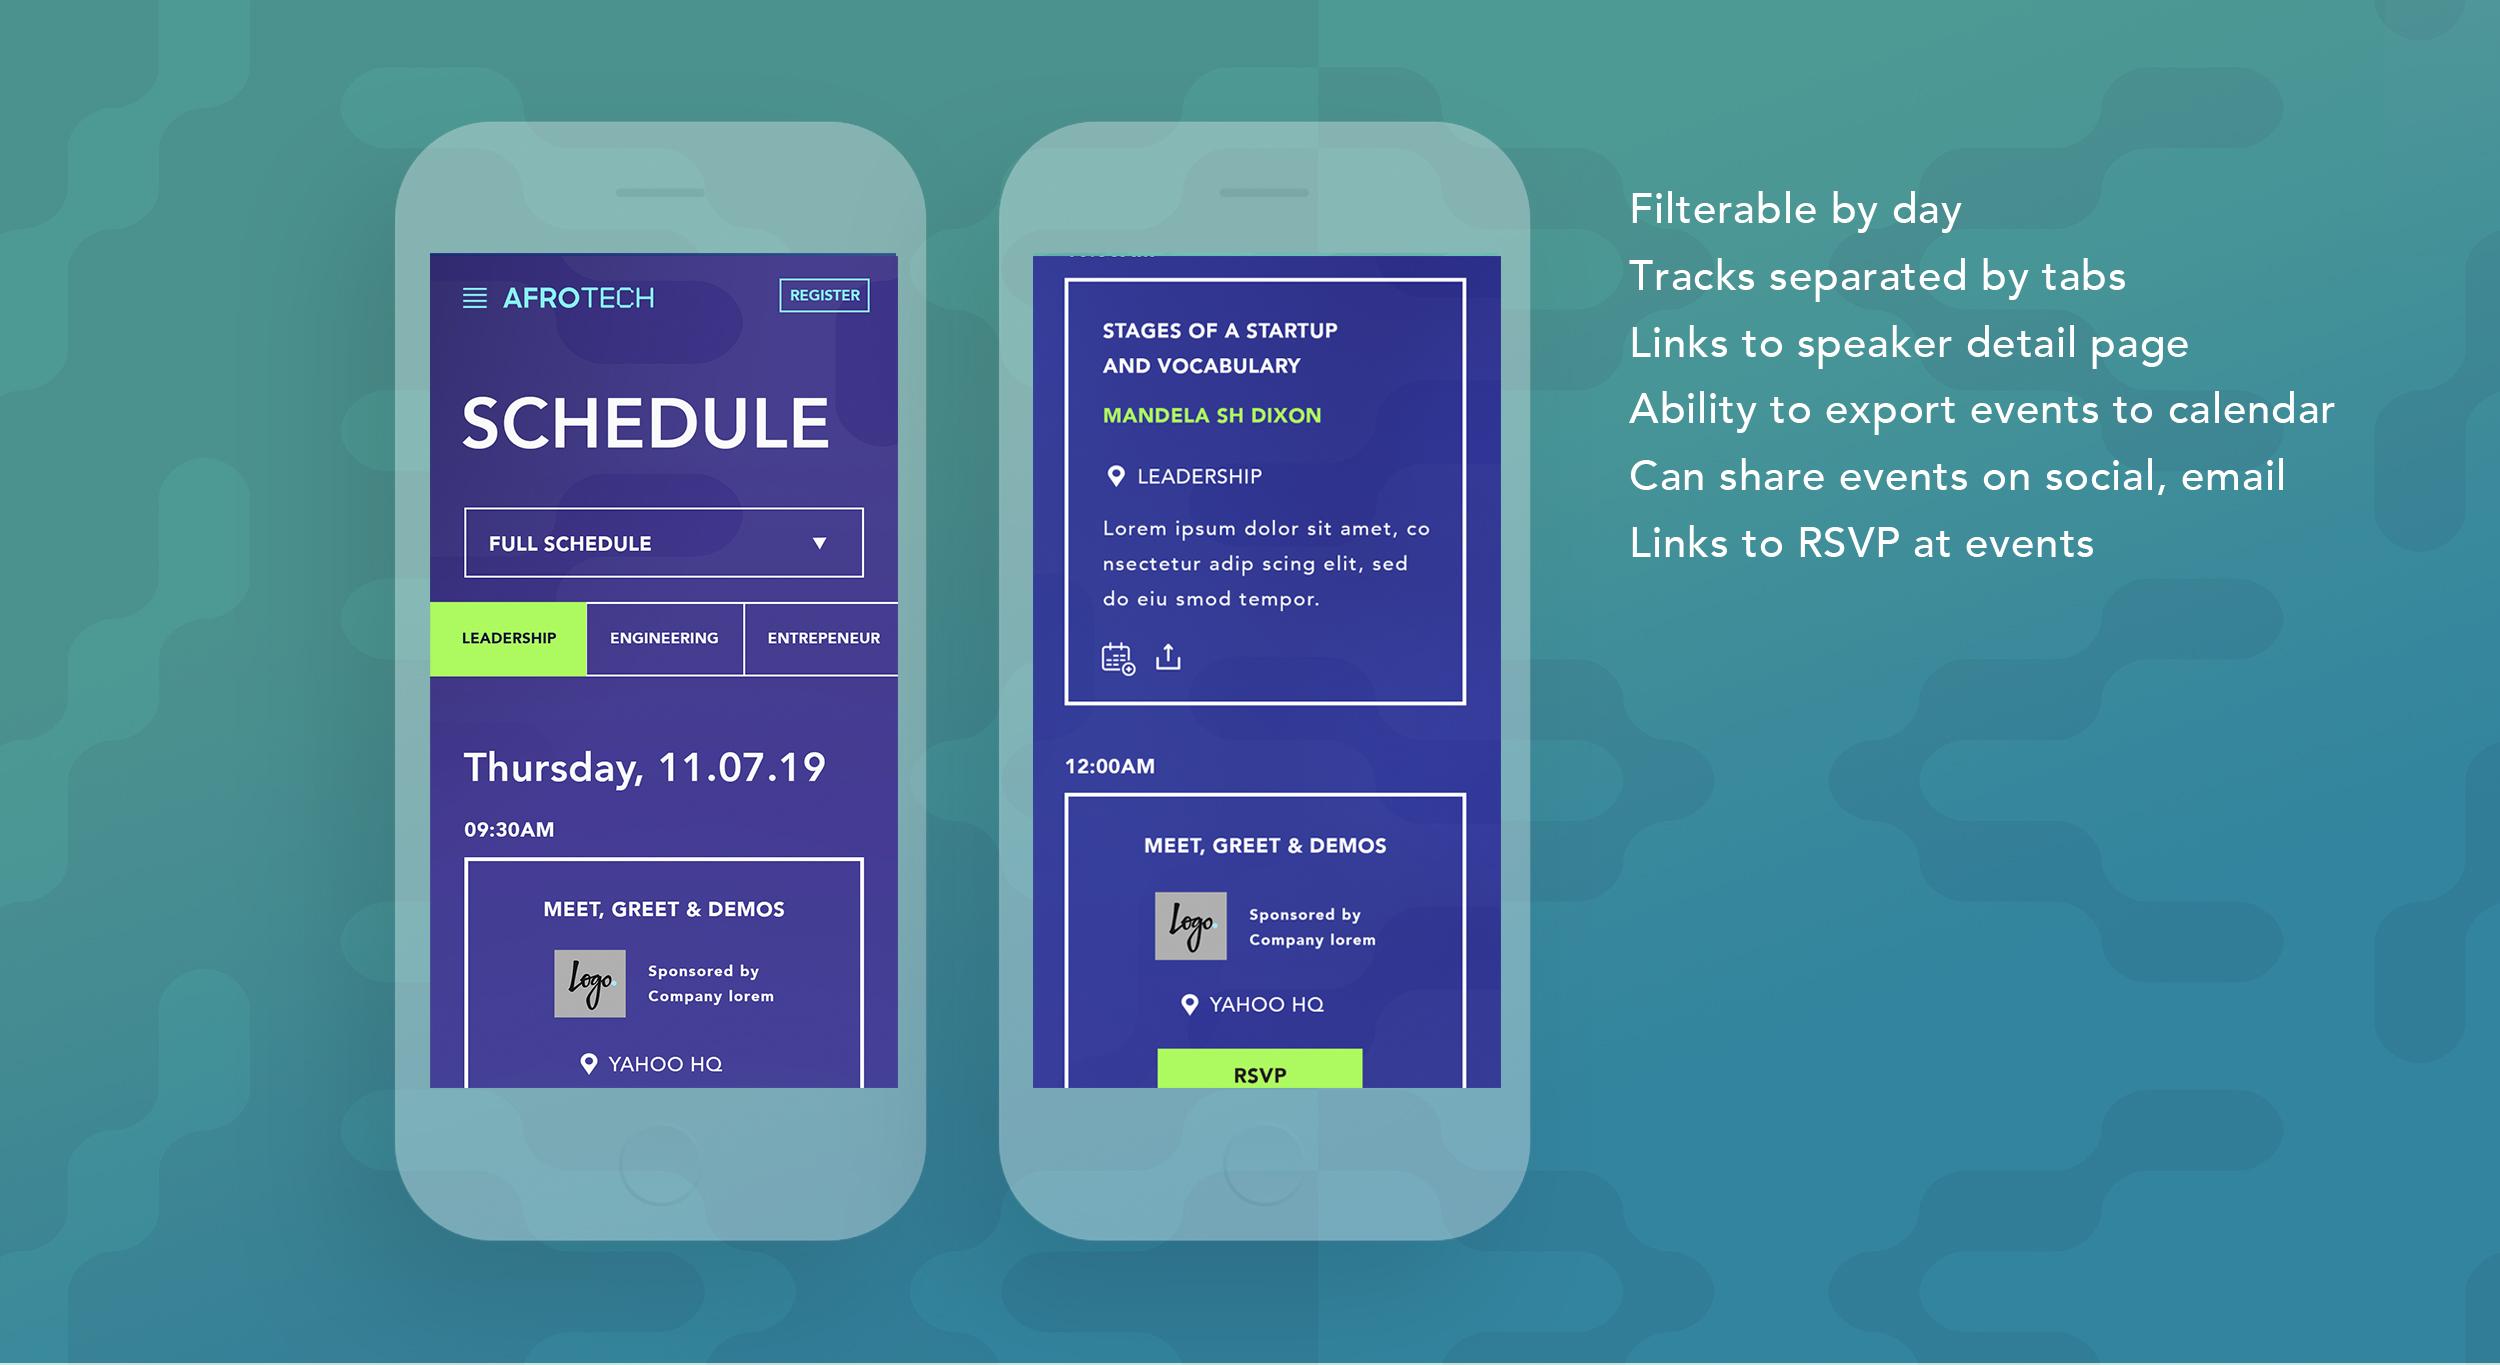 schedule_detail.jpg